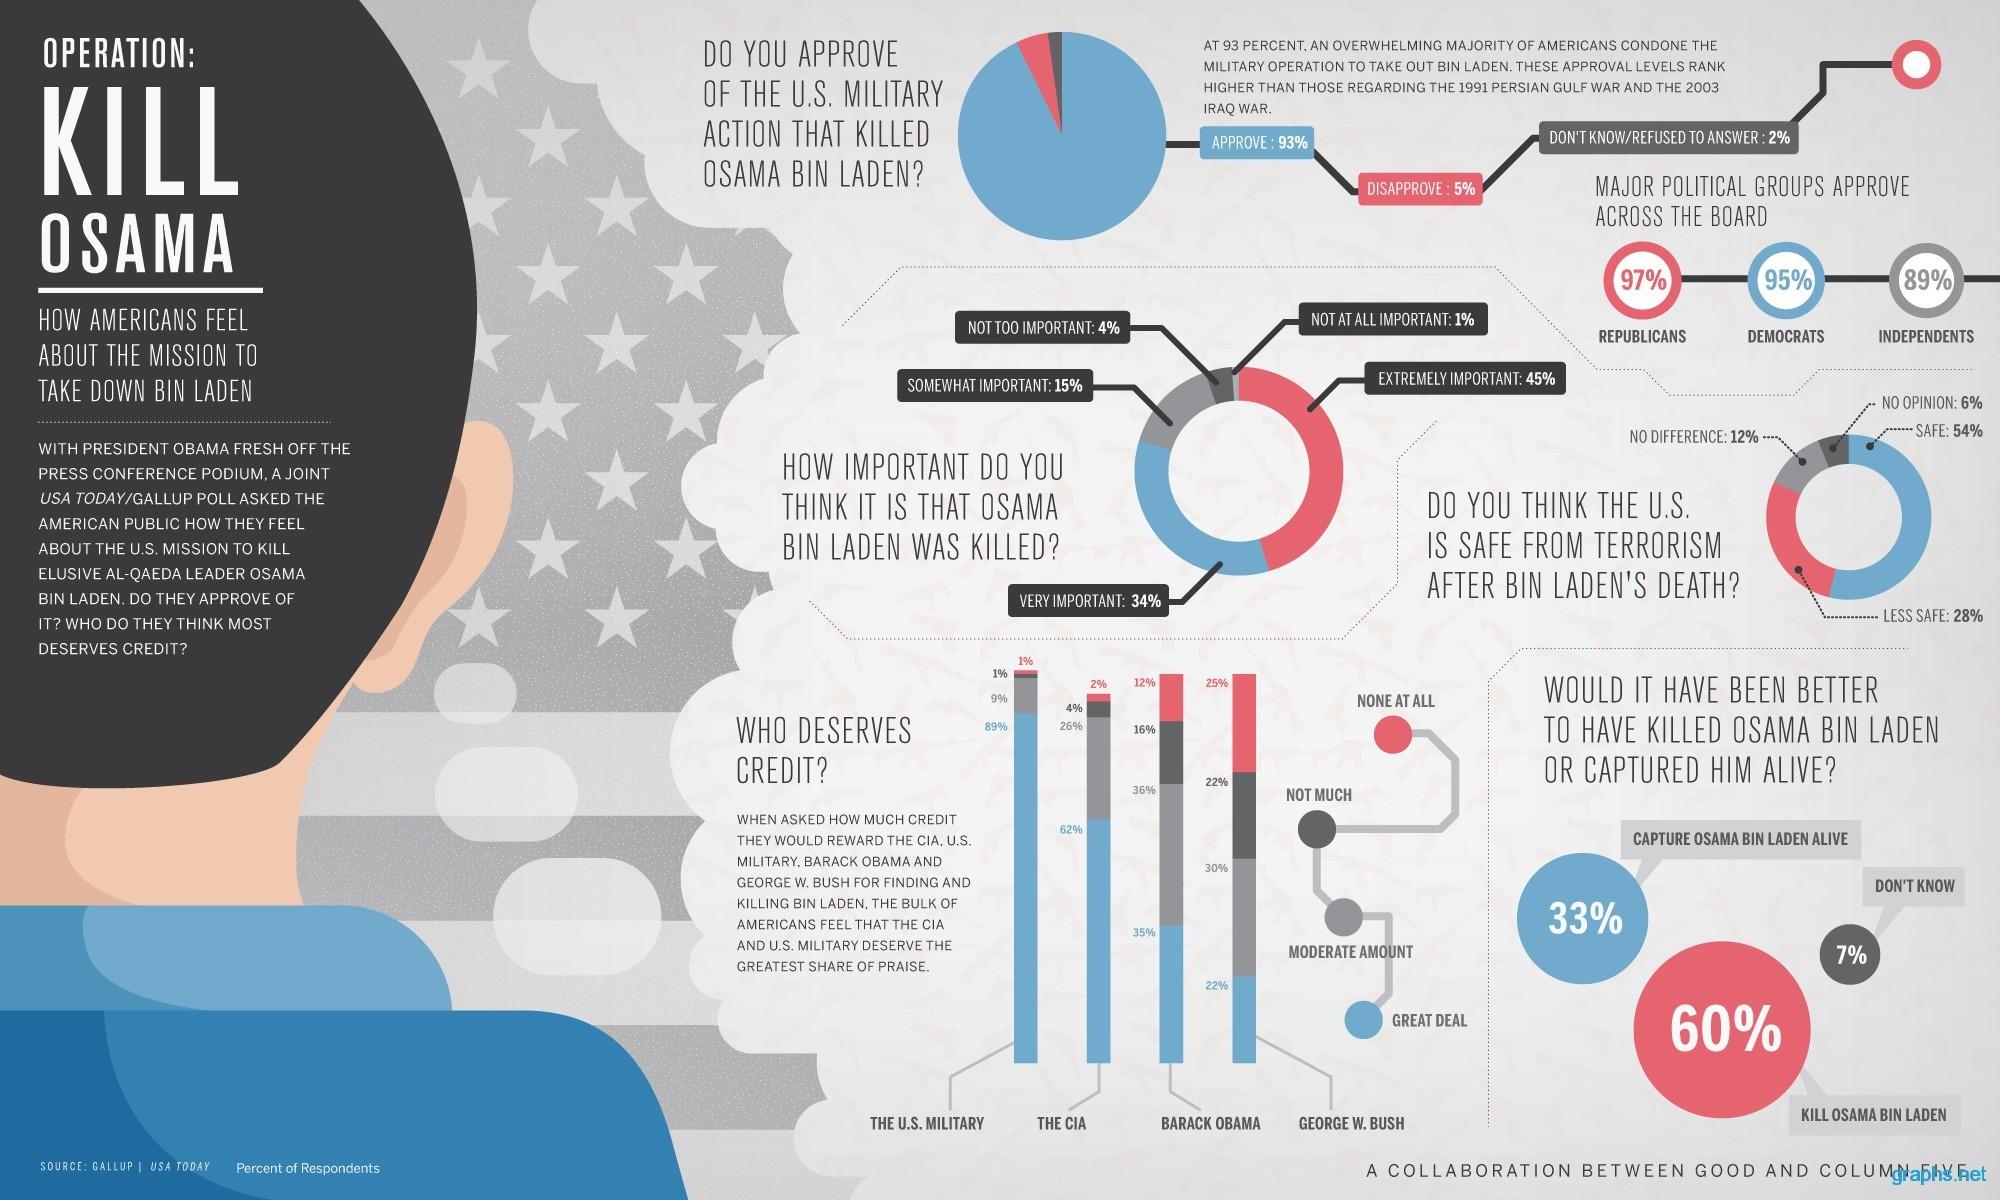 Americans Feeling Towards Bin Laden Mission